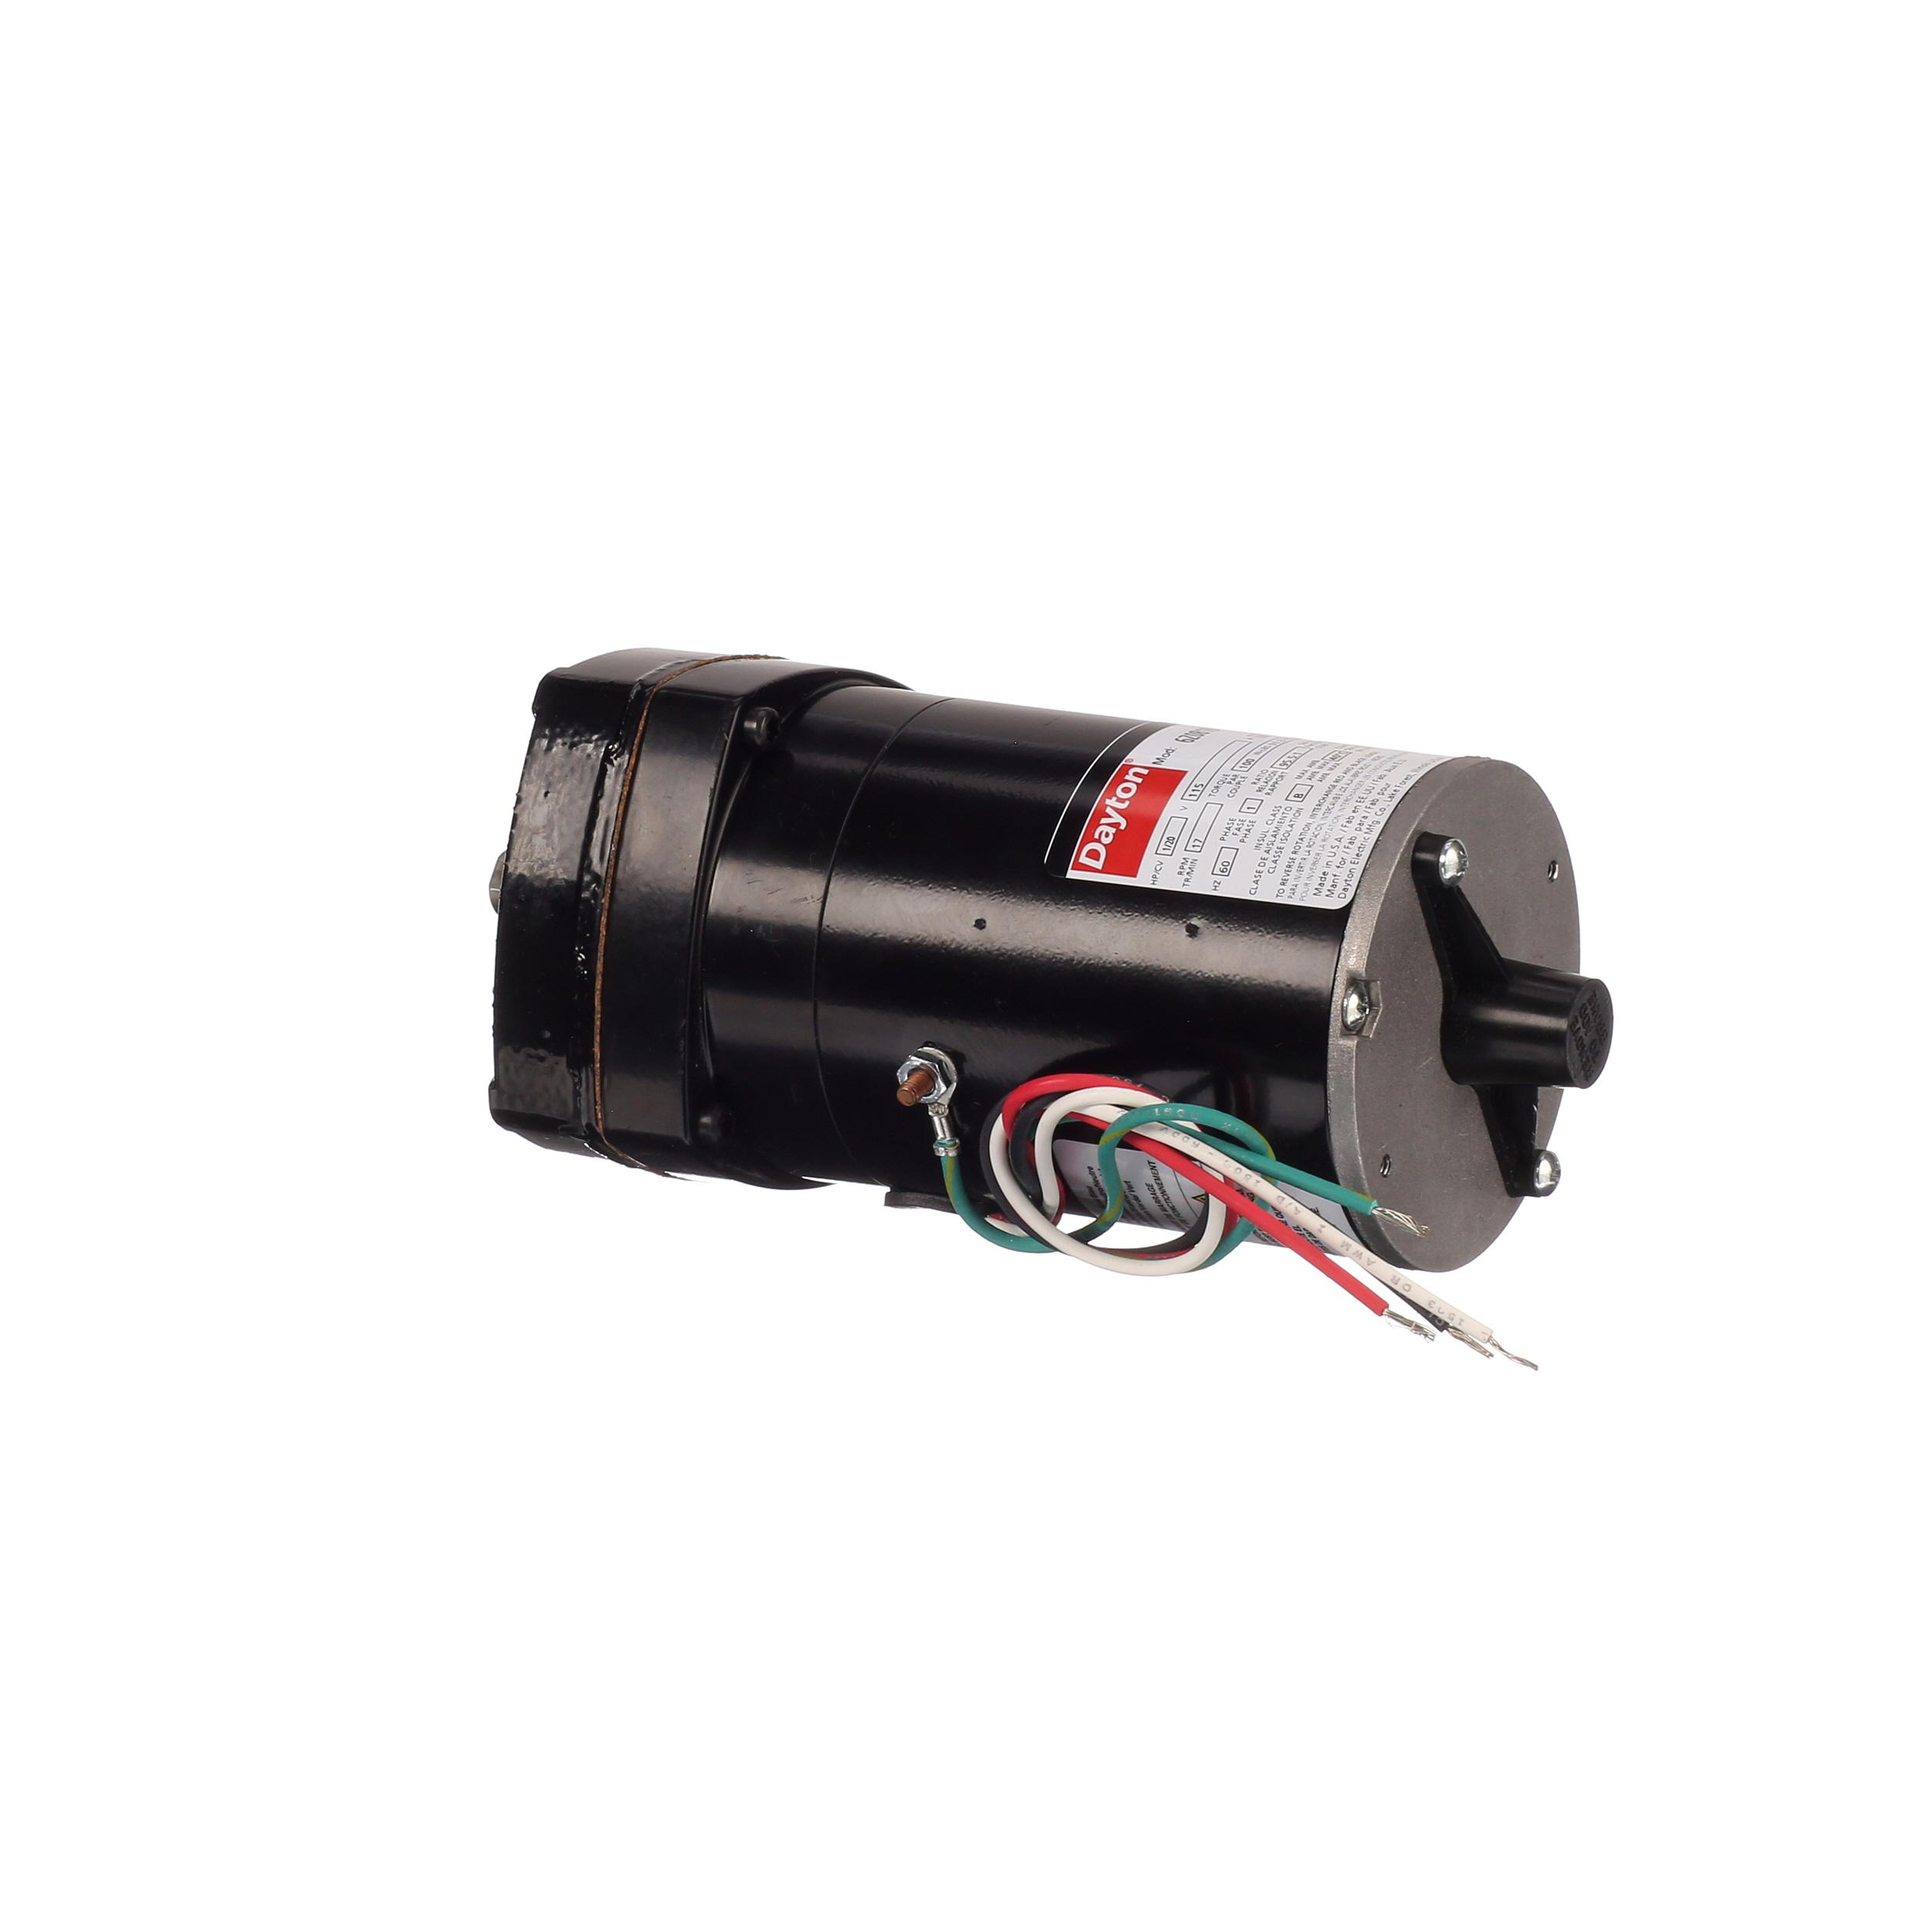 Baxter Gear Motor Rotate Part 01 1000v8 0049a